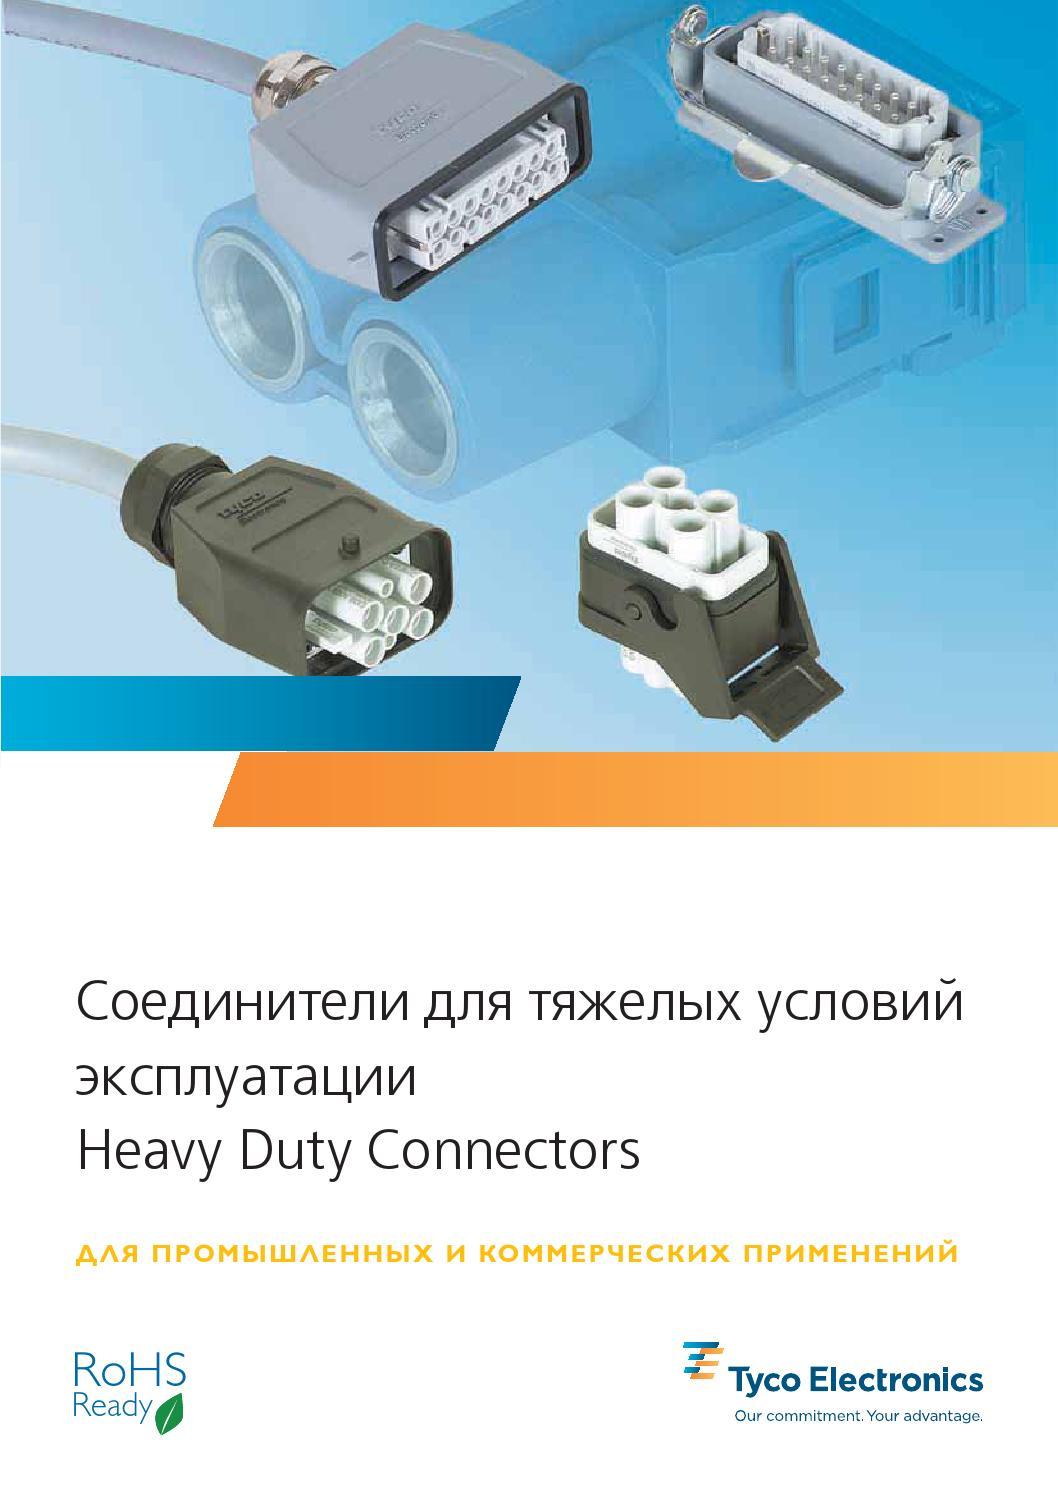 HVT.23.BU.C 2-1104010-3